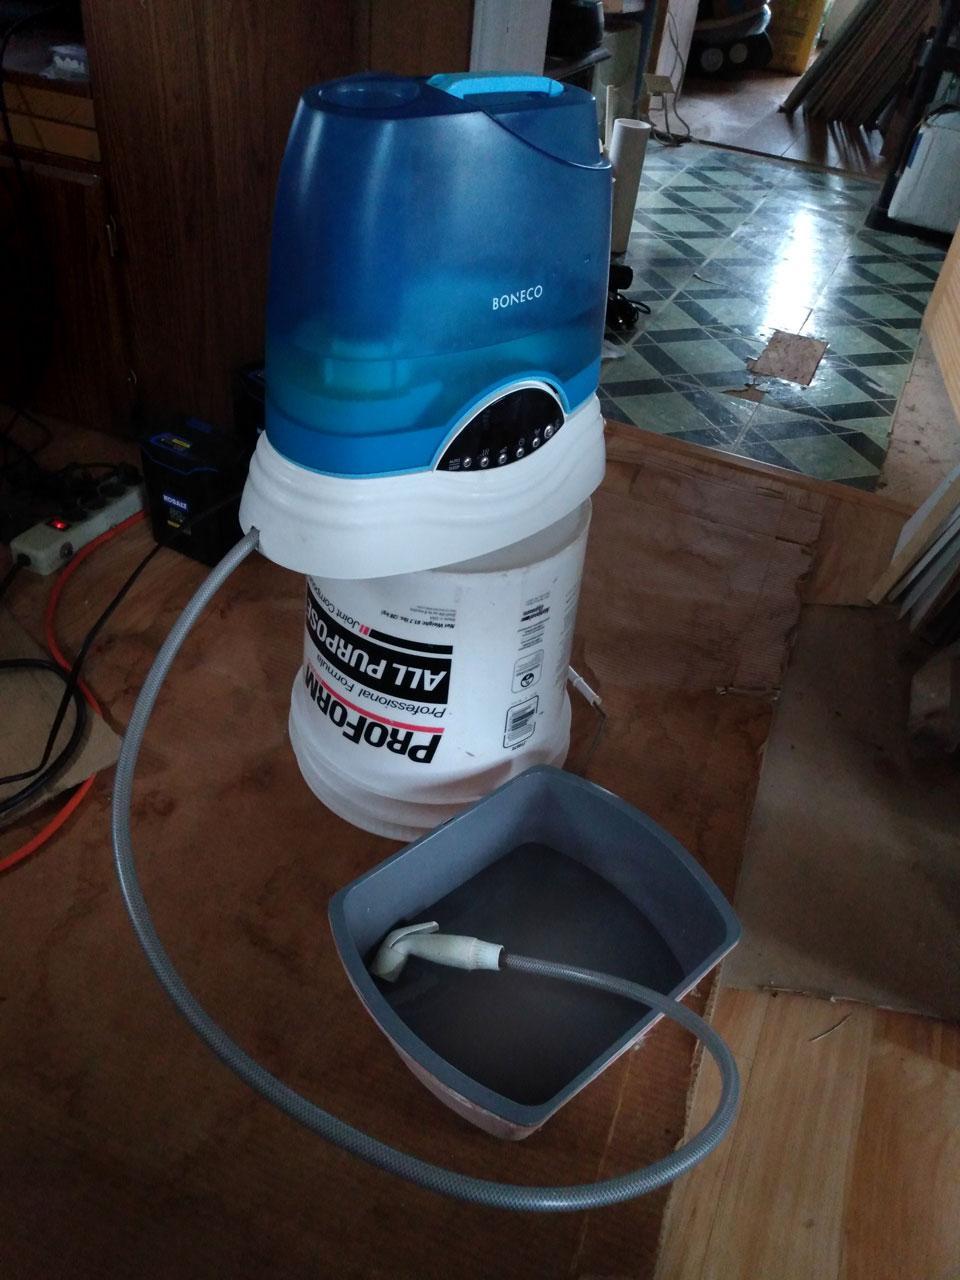 Adding the Hose and Spigot